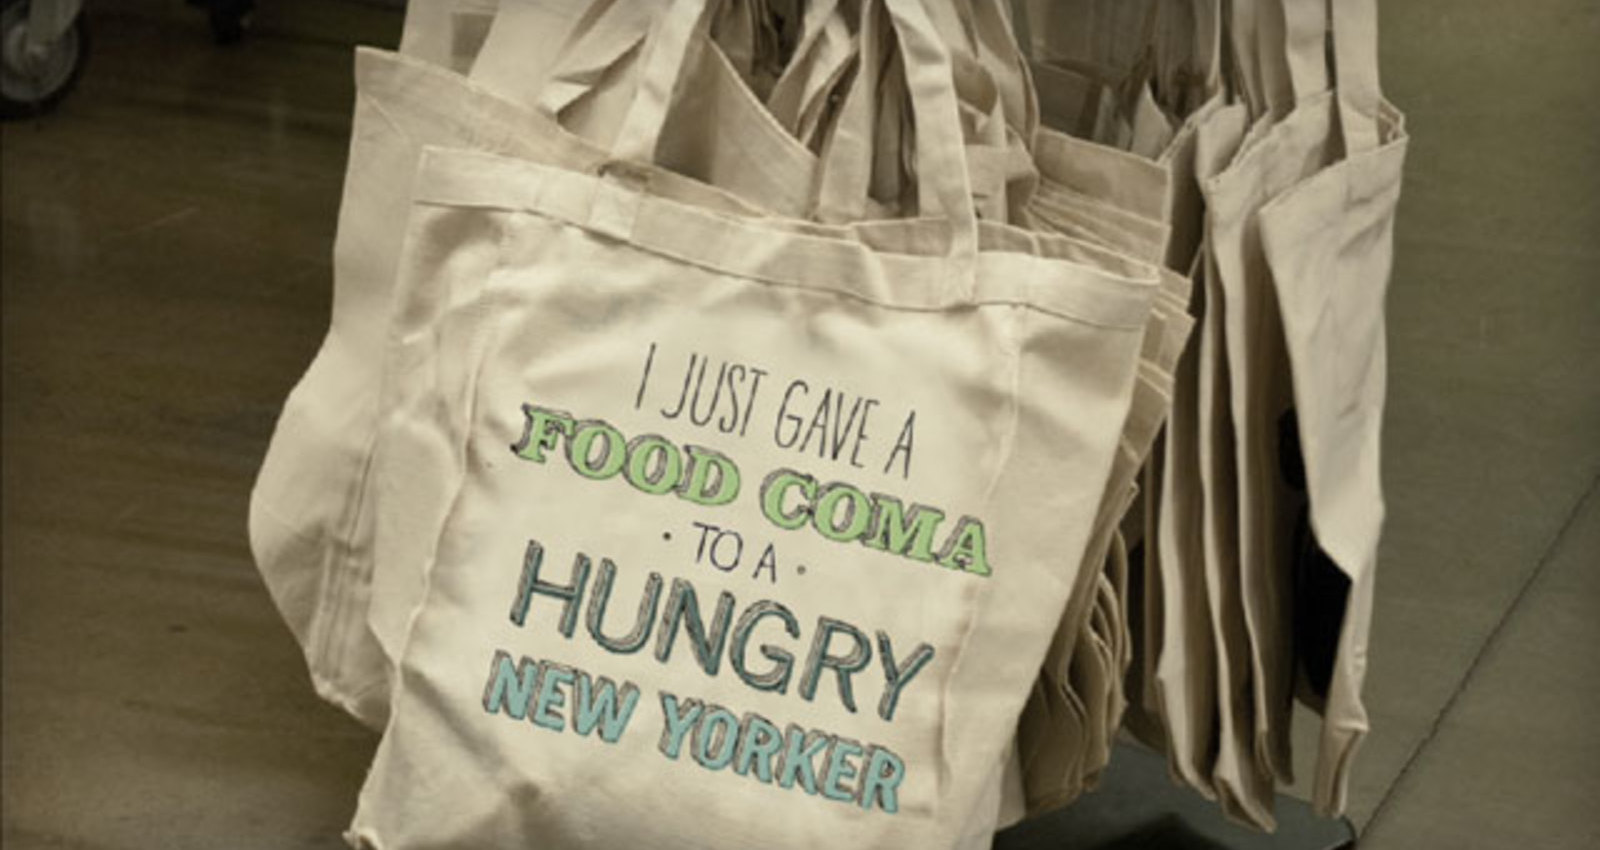 NY FEEDS NY